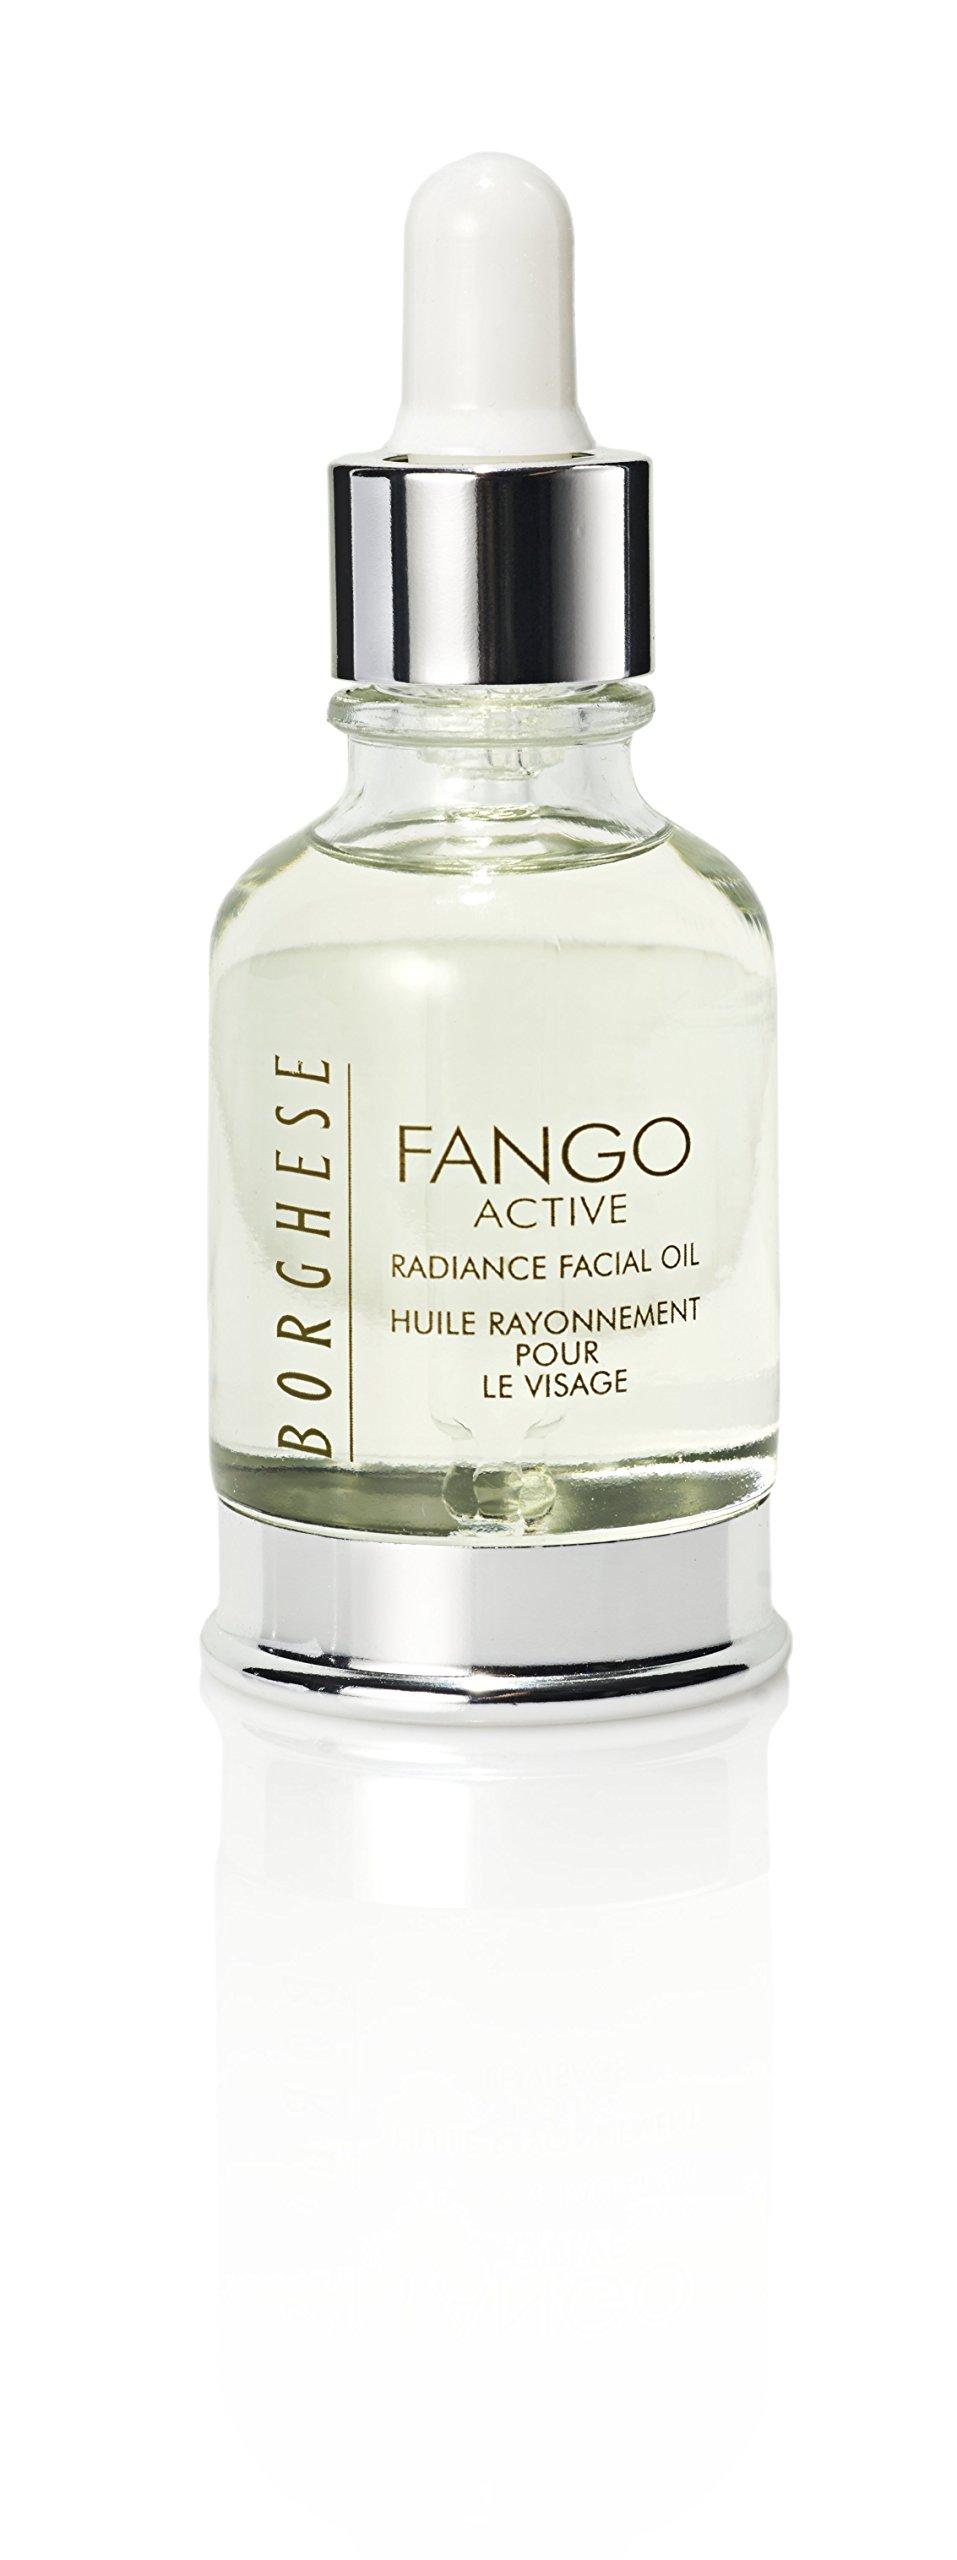 Borghese Fango Active Radiance Facial Oil, 1 fl. oz.